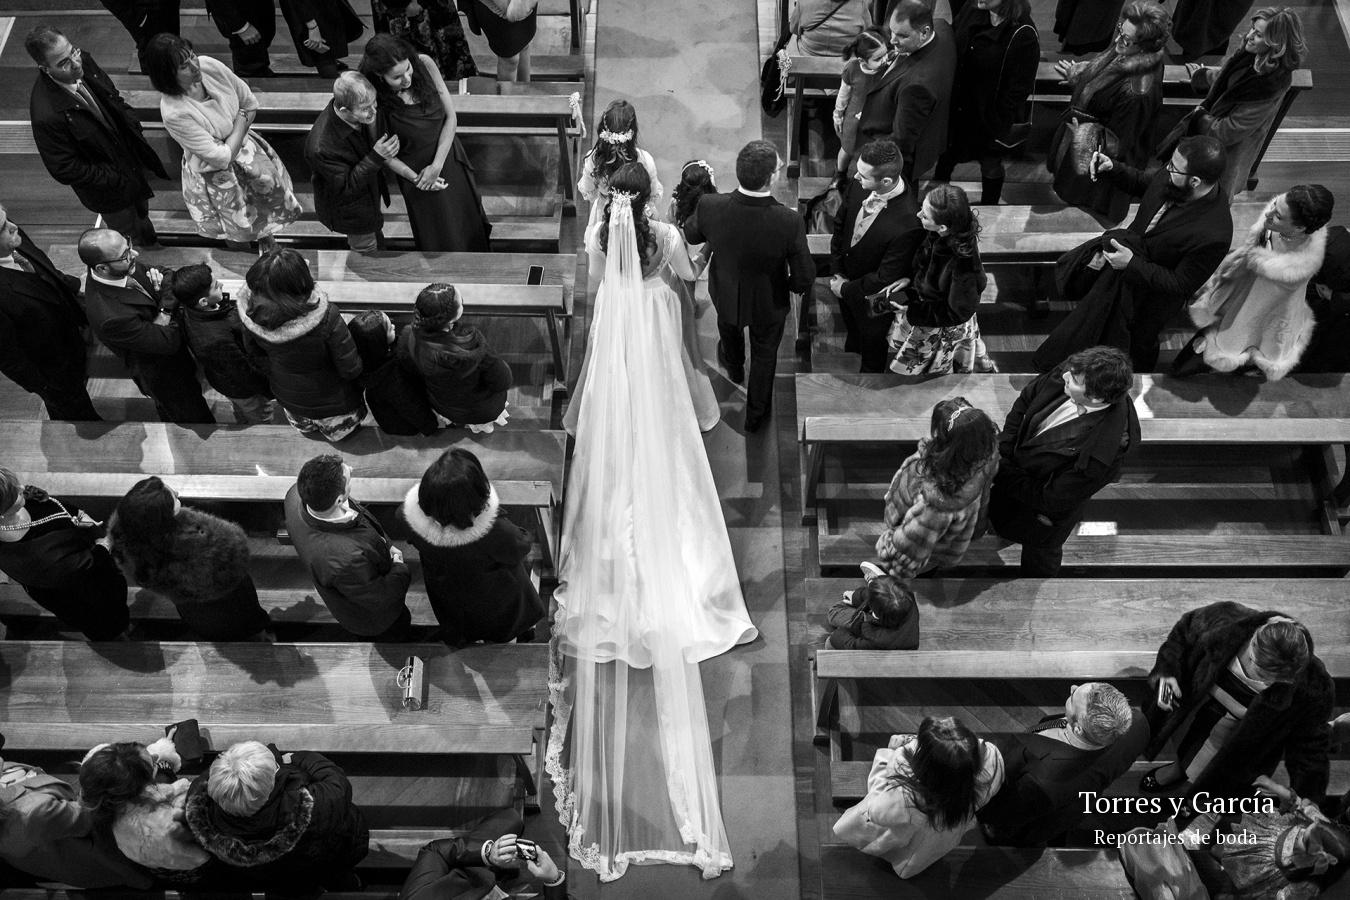 entrando en la iglesia - Fotografías - Libros y reportajes de boda diferentes.